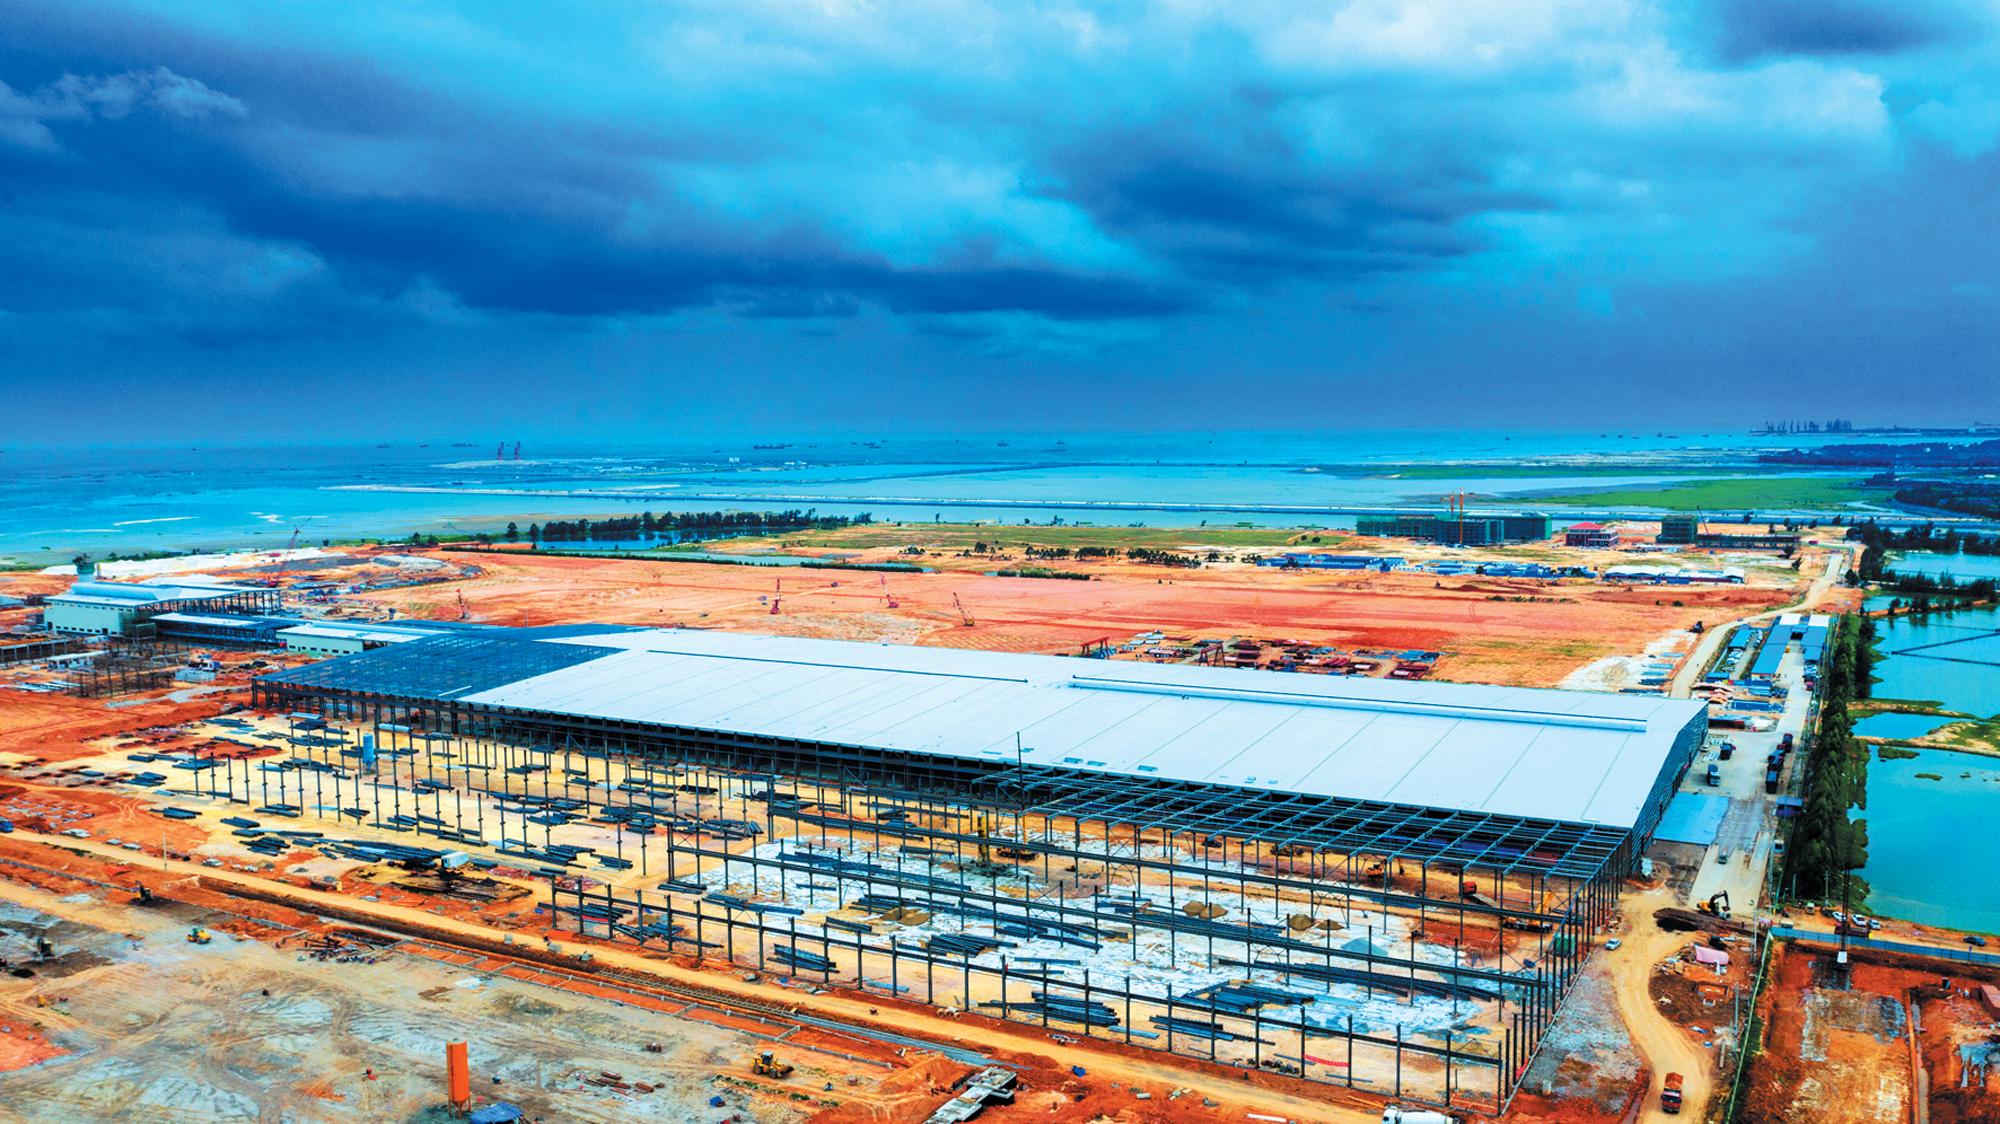 北海信义玻璃产业园初具雏形 首条生产线将于今年9月试产